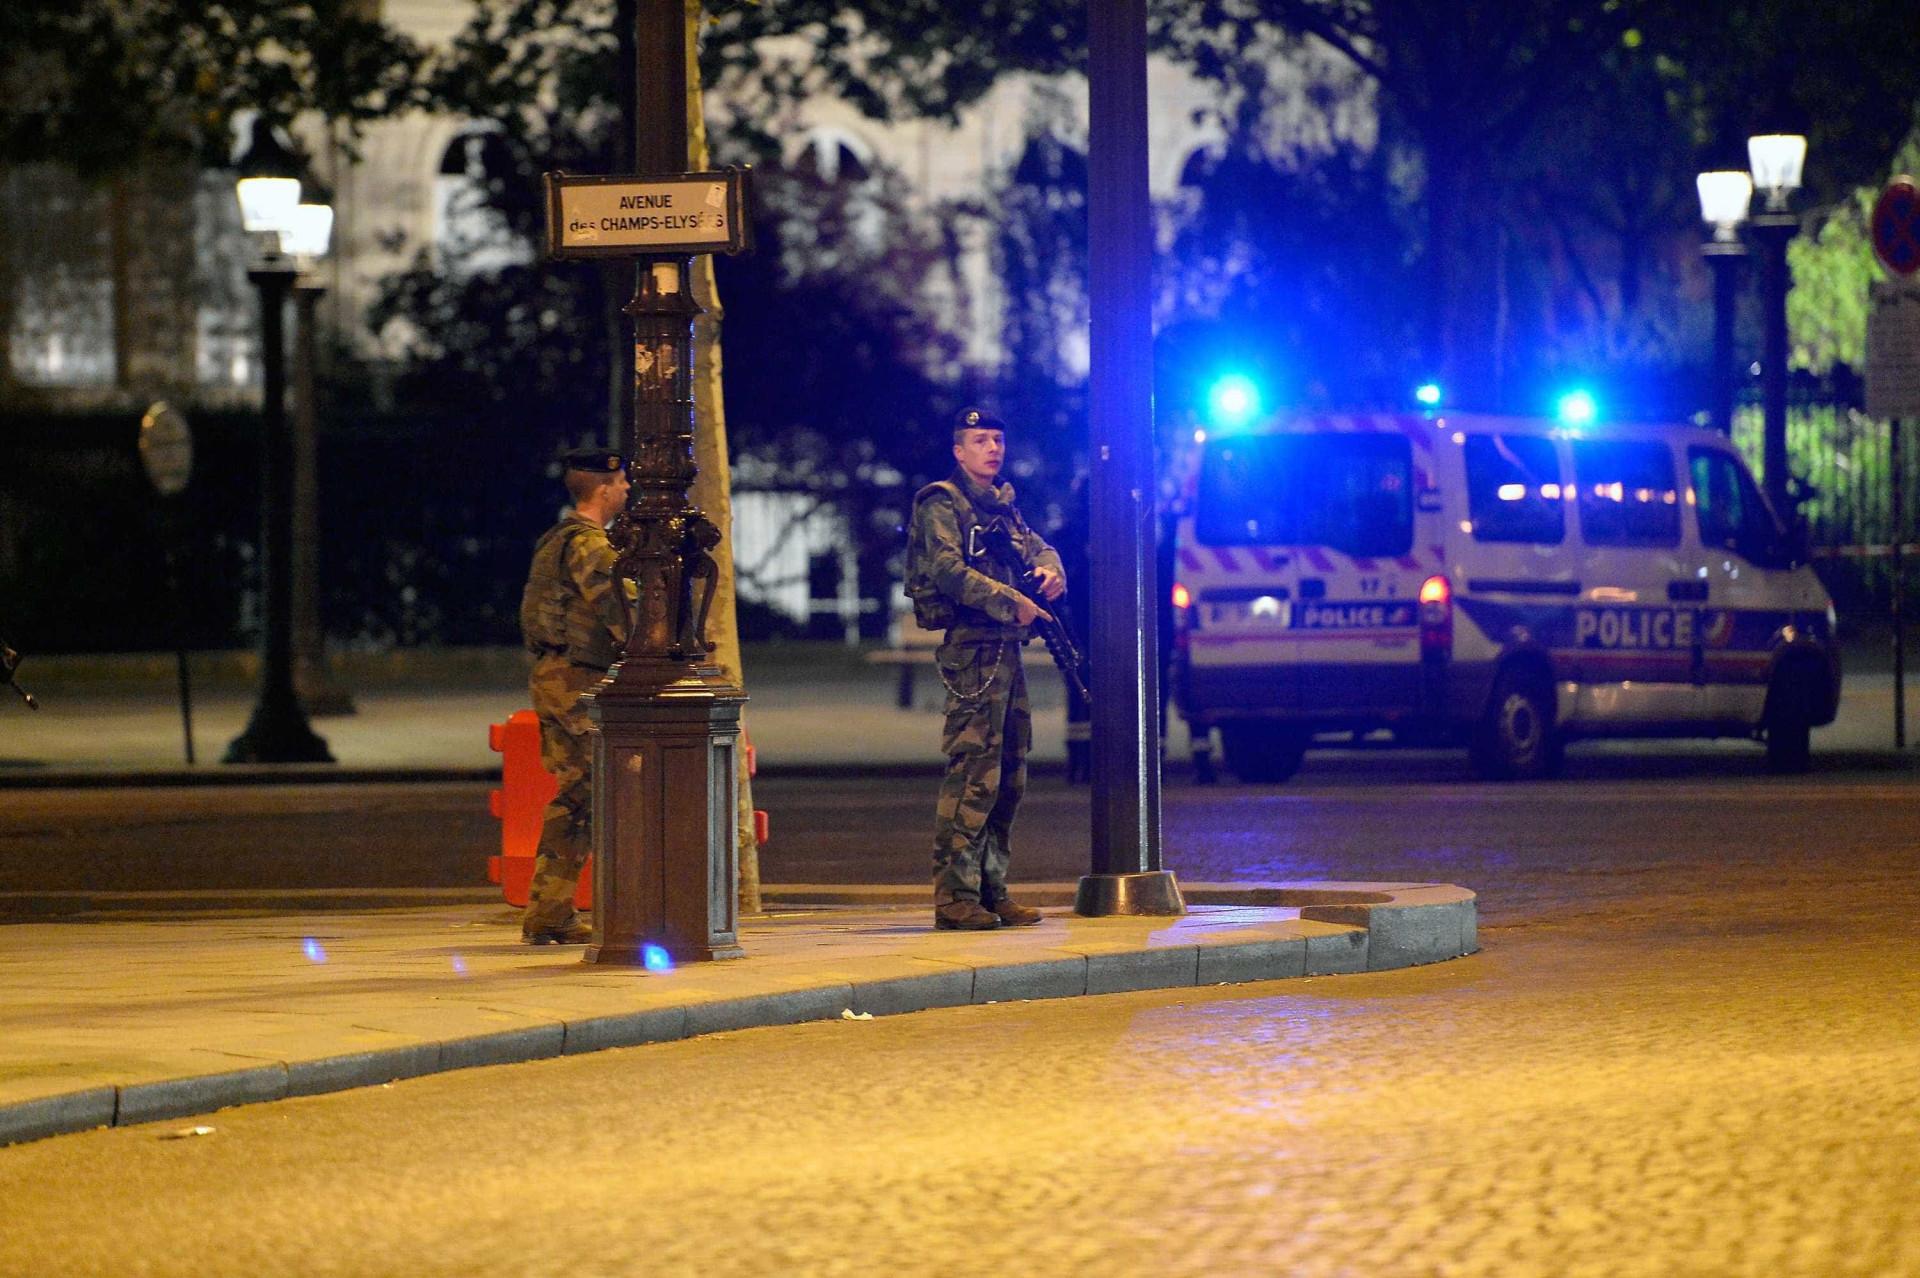 Veja imagens do ataque terrorista que atingiu Paris nesta quinta